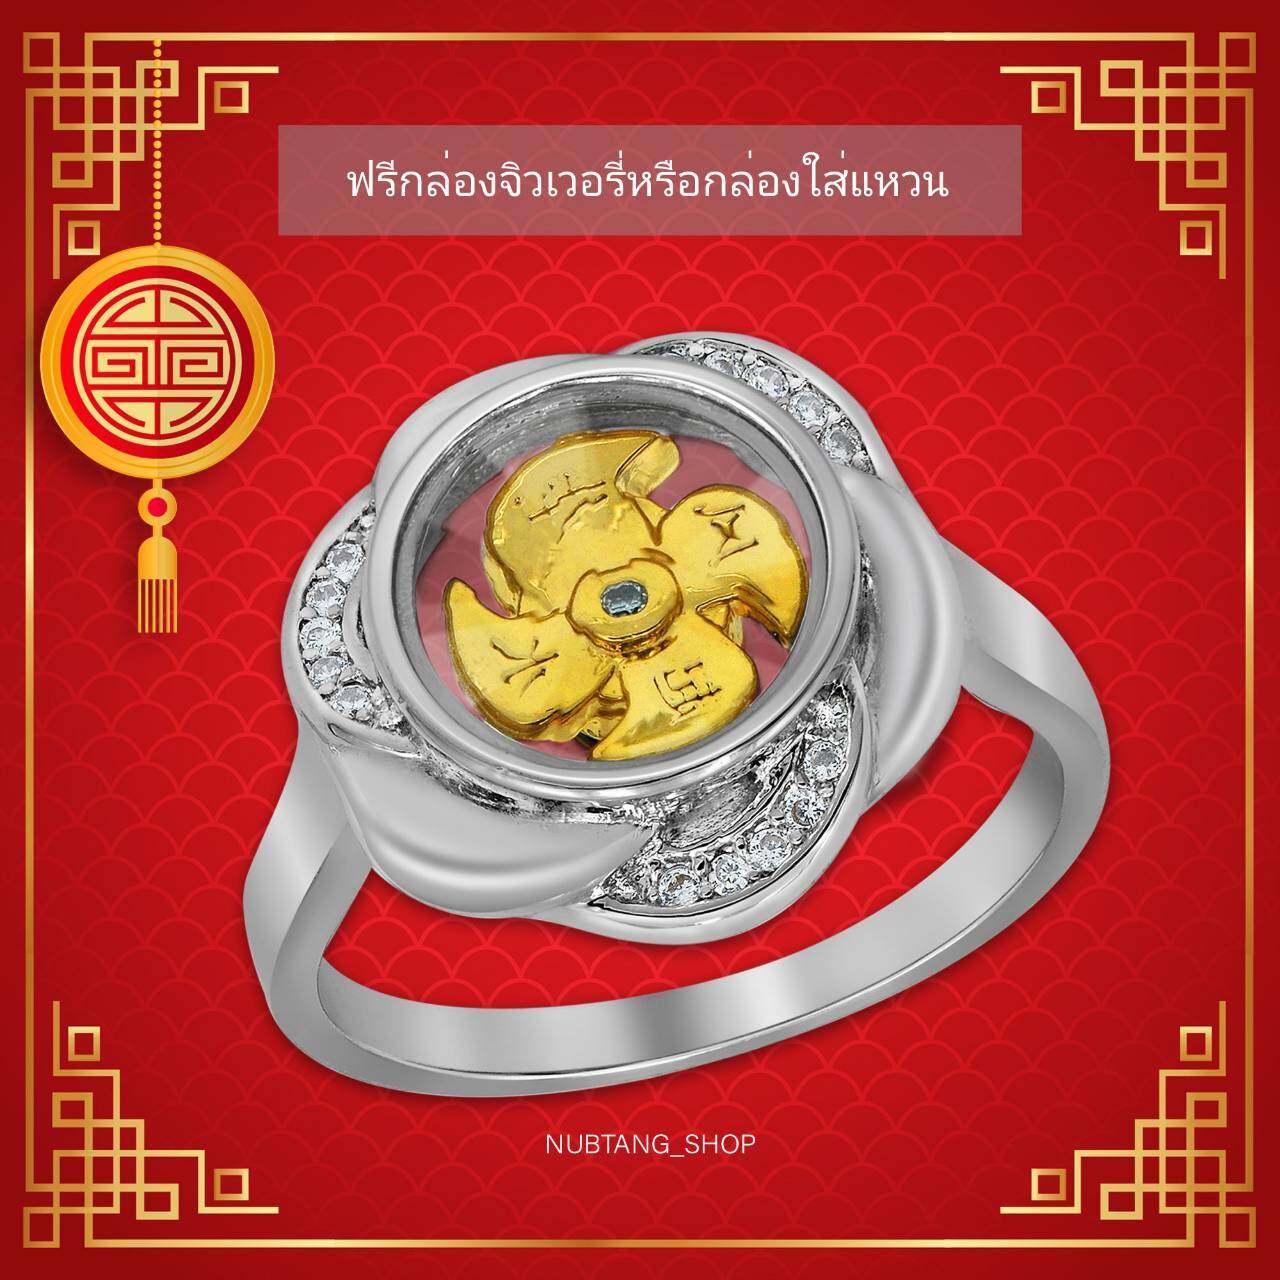 แหวนกังหันแชกงหมิว 4ใบพัดหมุนได้จริง แหวนเงิน แหวนกังหันนำโชค สินค้านำเข้าจากฮ่องกง ฟรีกล่องจิวเวอรี่หรือกล่องใส่แหวน.